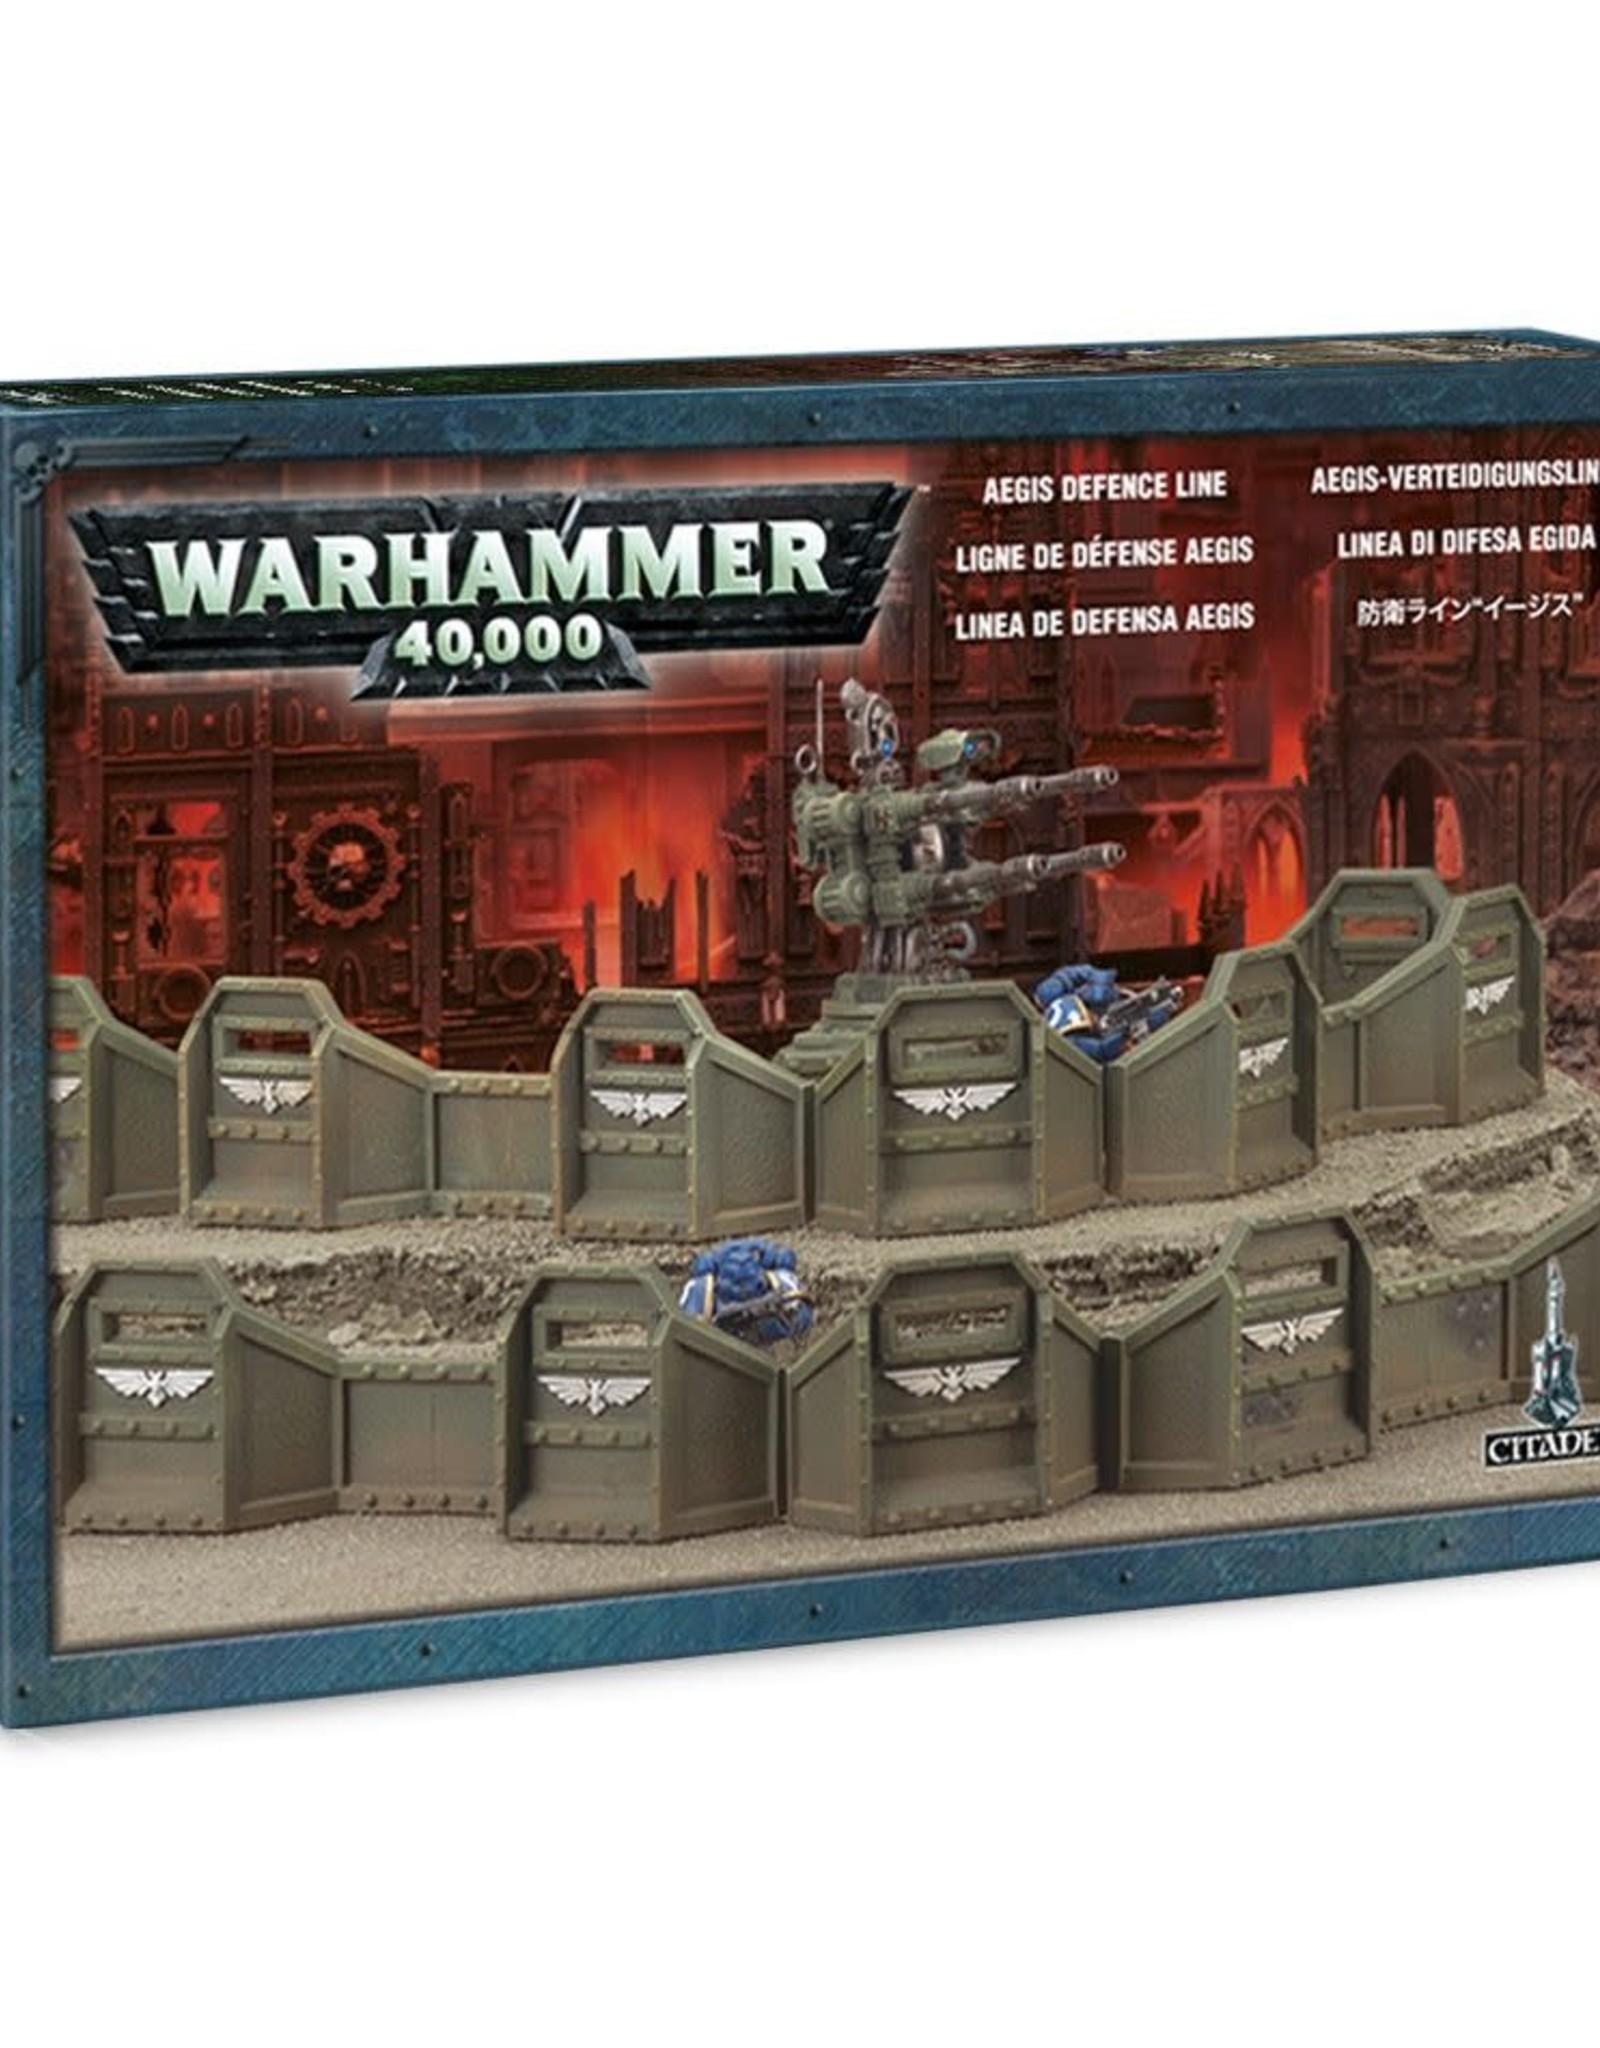 Warhammer 40K Aegis Defence Line